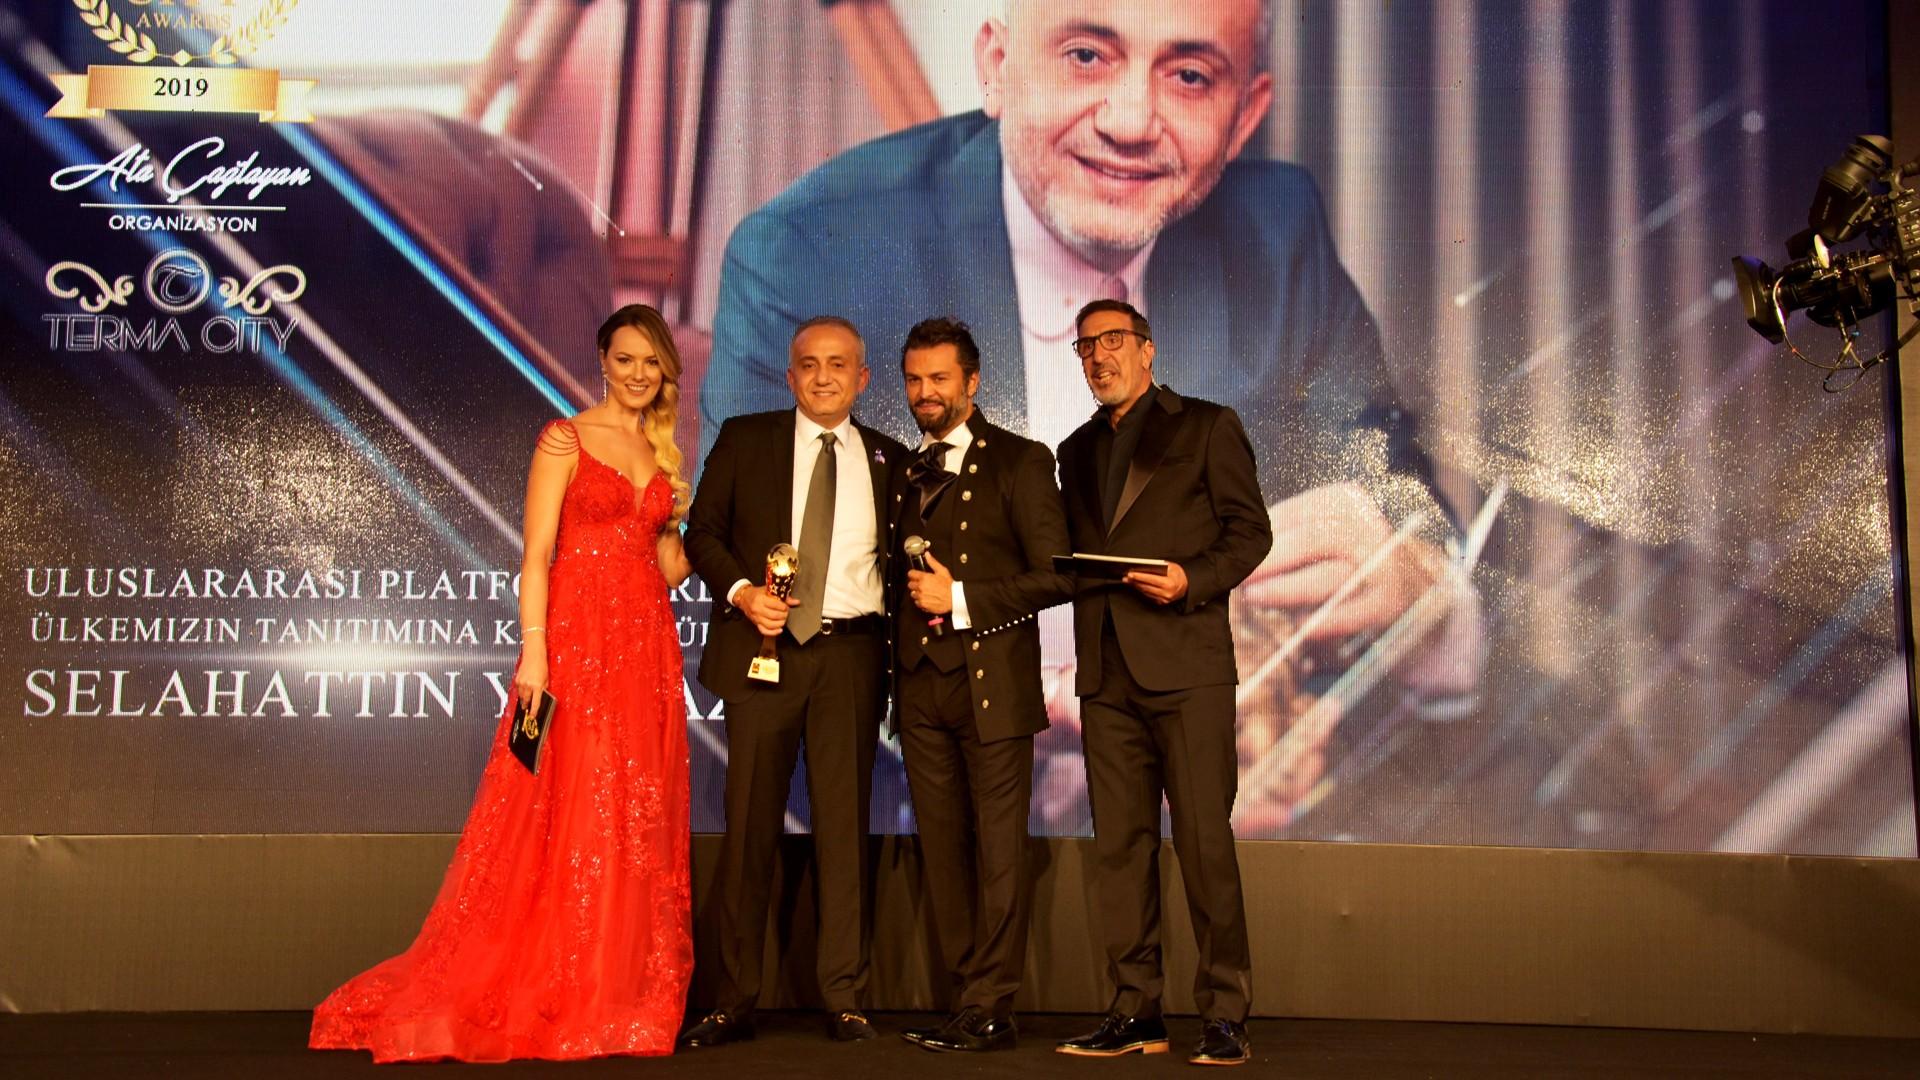 Best of City Awards'da Selahattin Yılmaz Tanıtıma Katkı Ödülü Aldı.